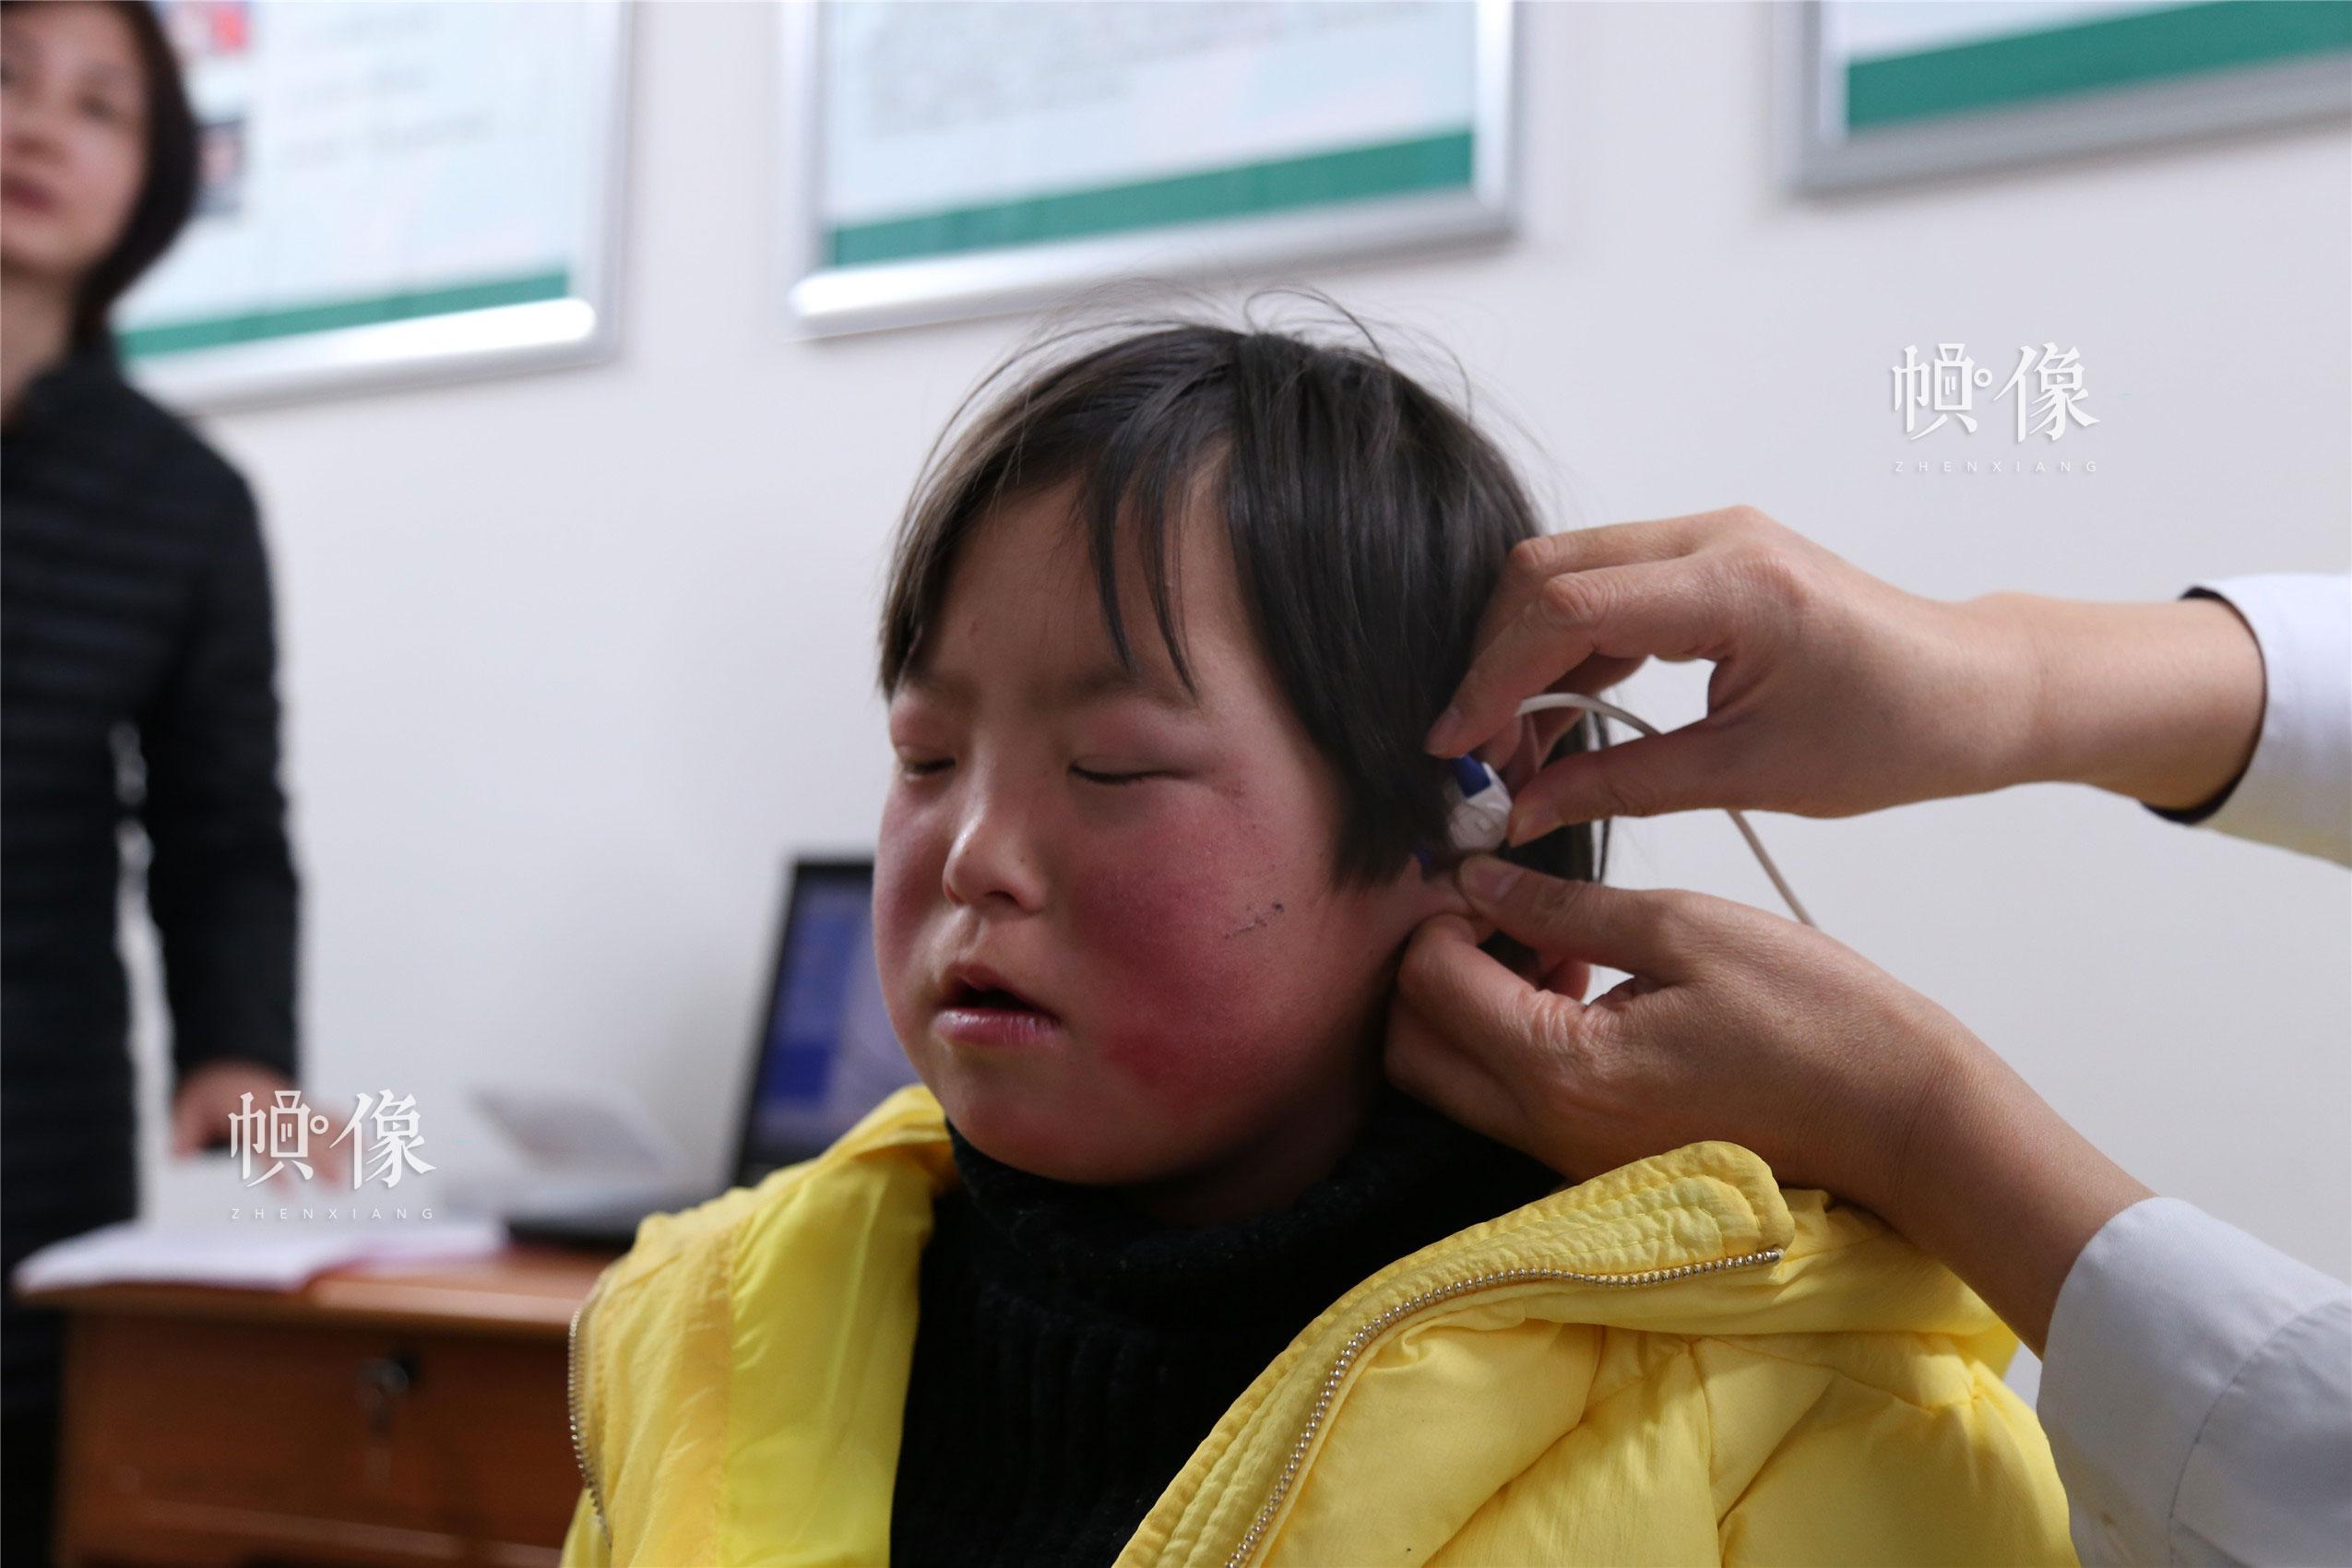 2018年1月22日,甘肃省陇南市西和县,医生通过医疗器具对听障儿童进行听力测试。中国网实习记者 朱珊杉 摄